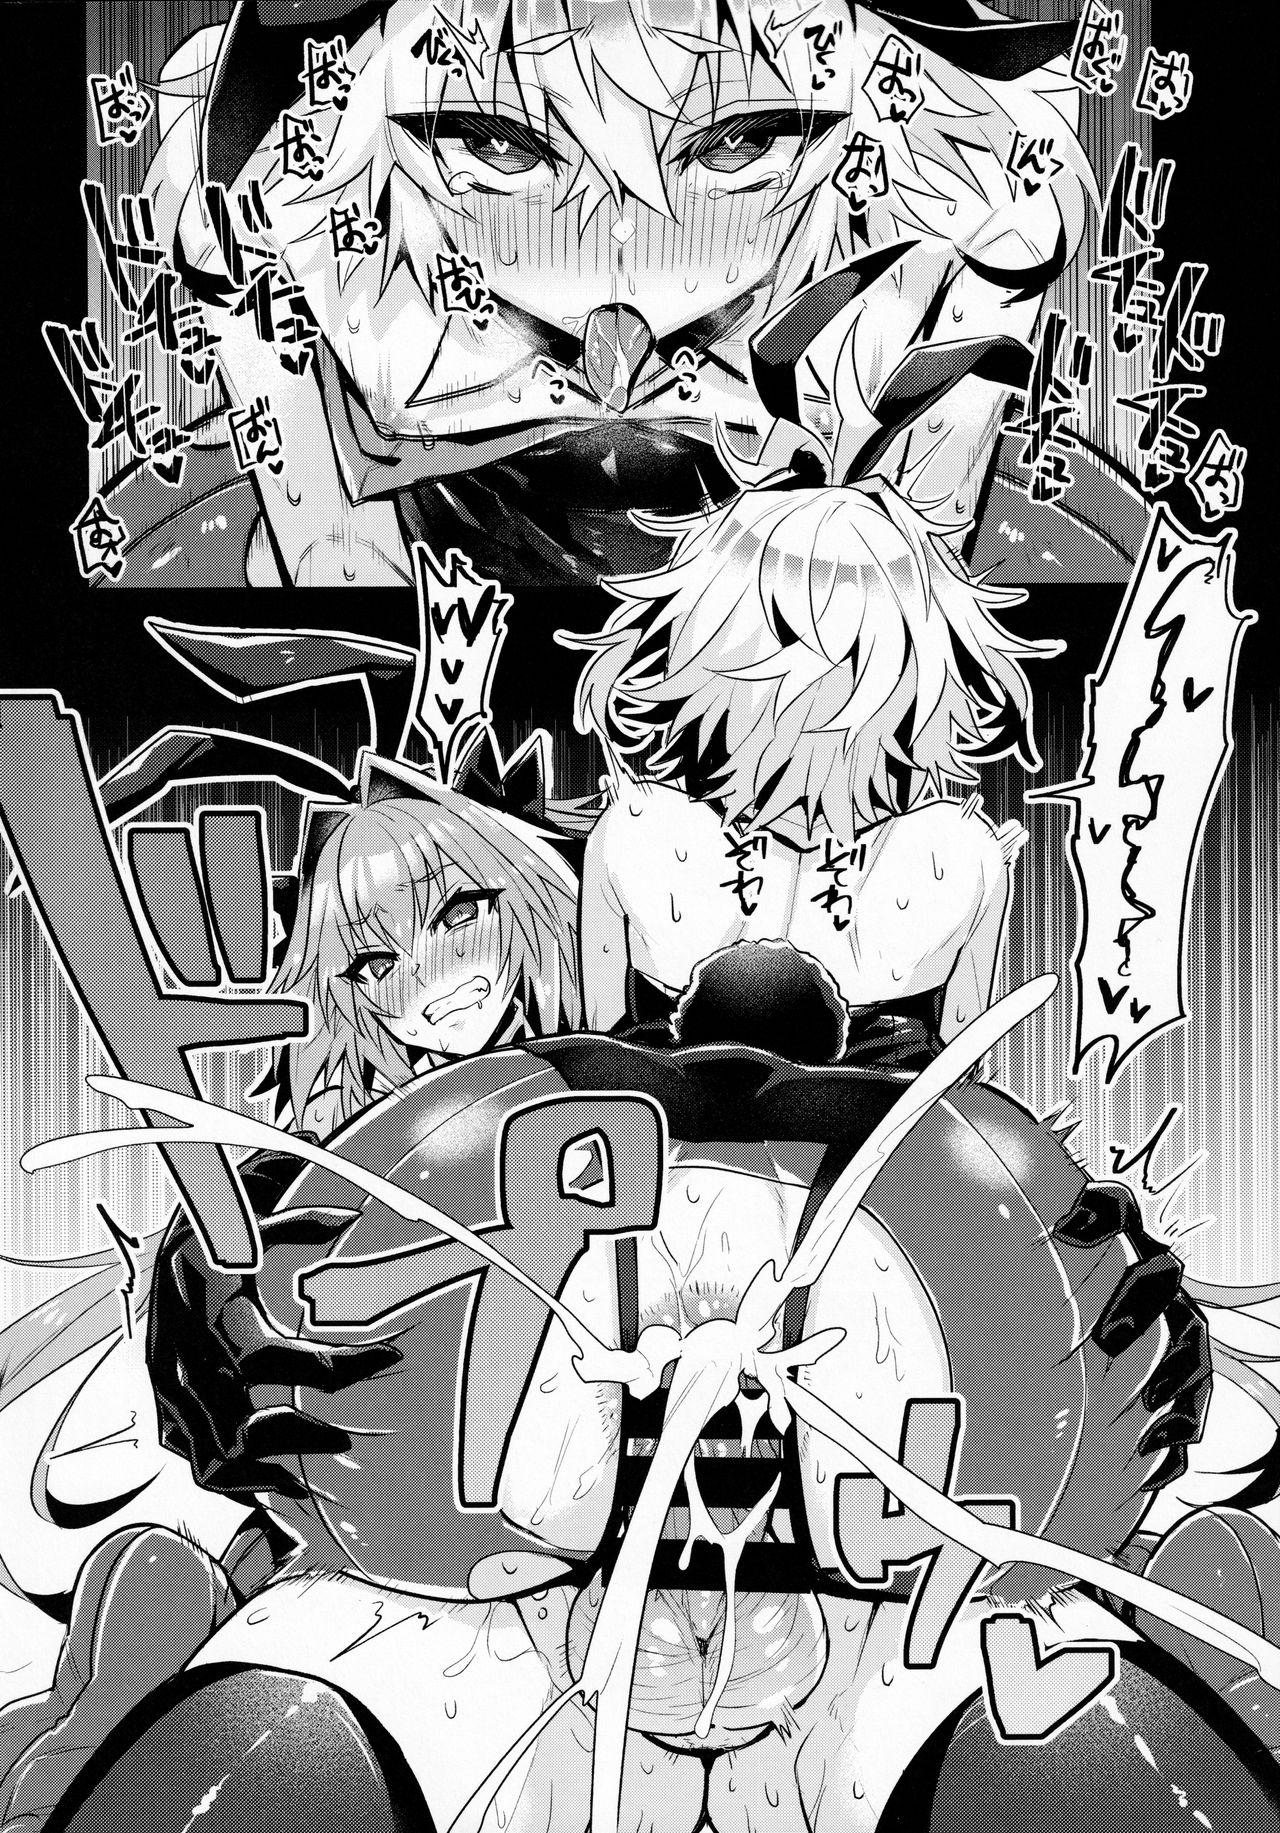 Nakanoii Shin'yuu wa Bunny Cosplay Kijou-i Koubi o Sururashii Zo 8